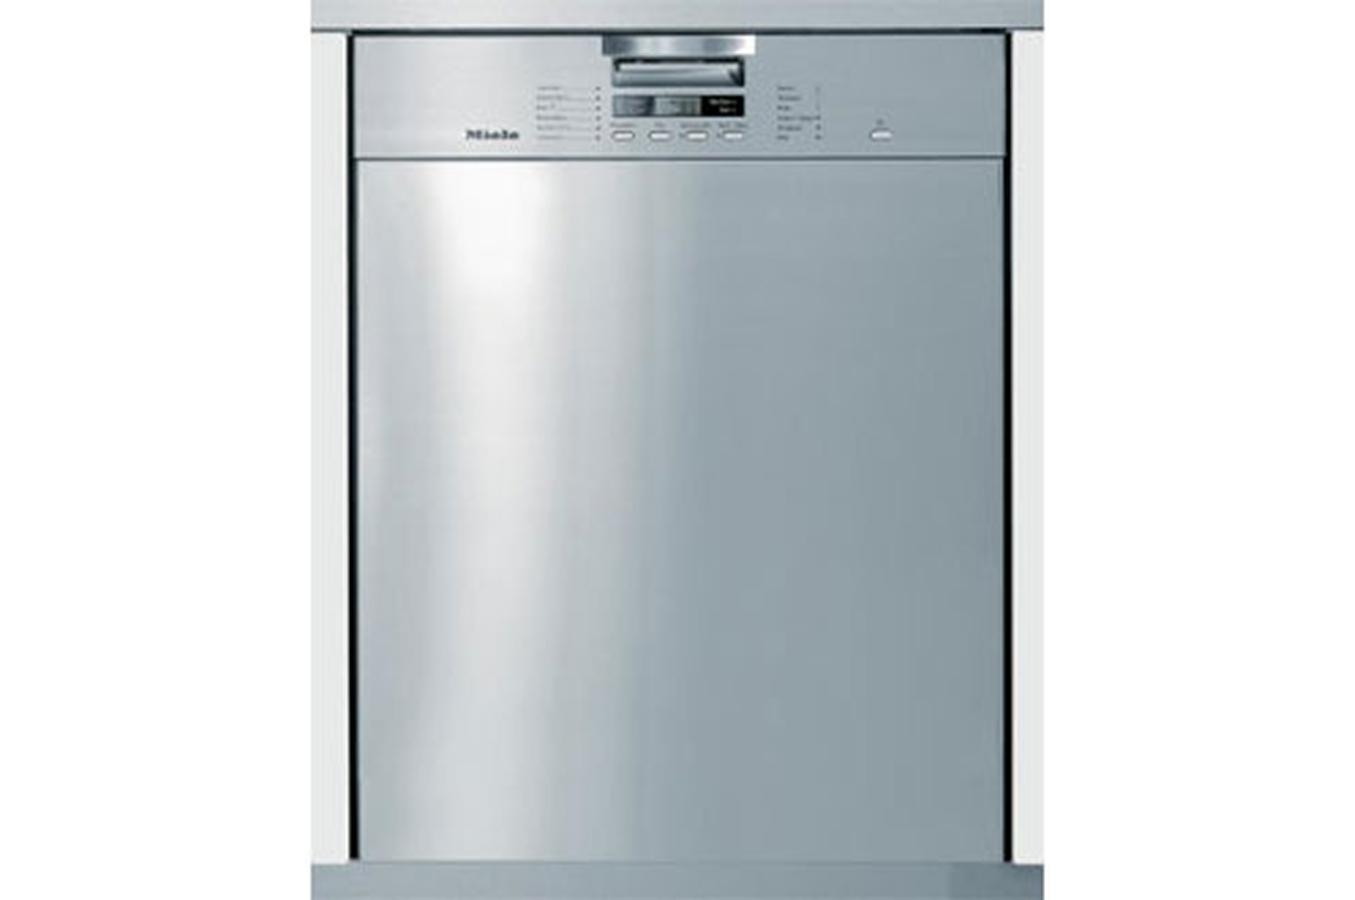 Habillage de porte miele gfv45 60 1 2784327 darty - Porte lave vaisselle encastrable ...